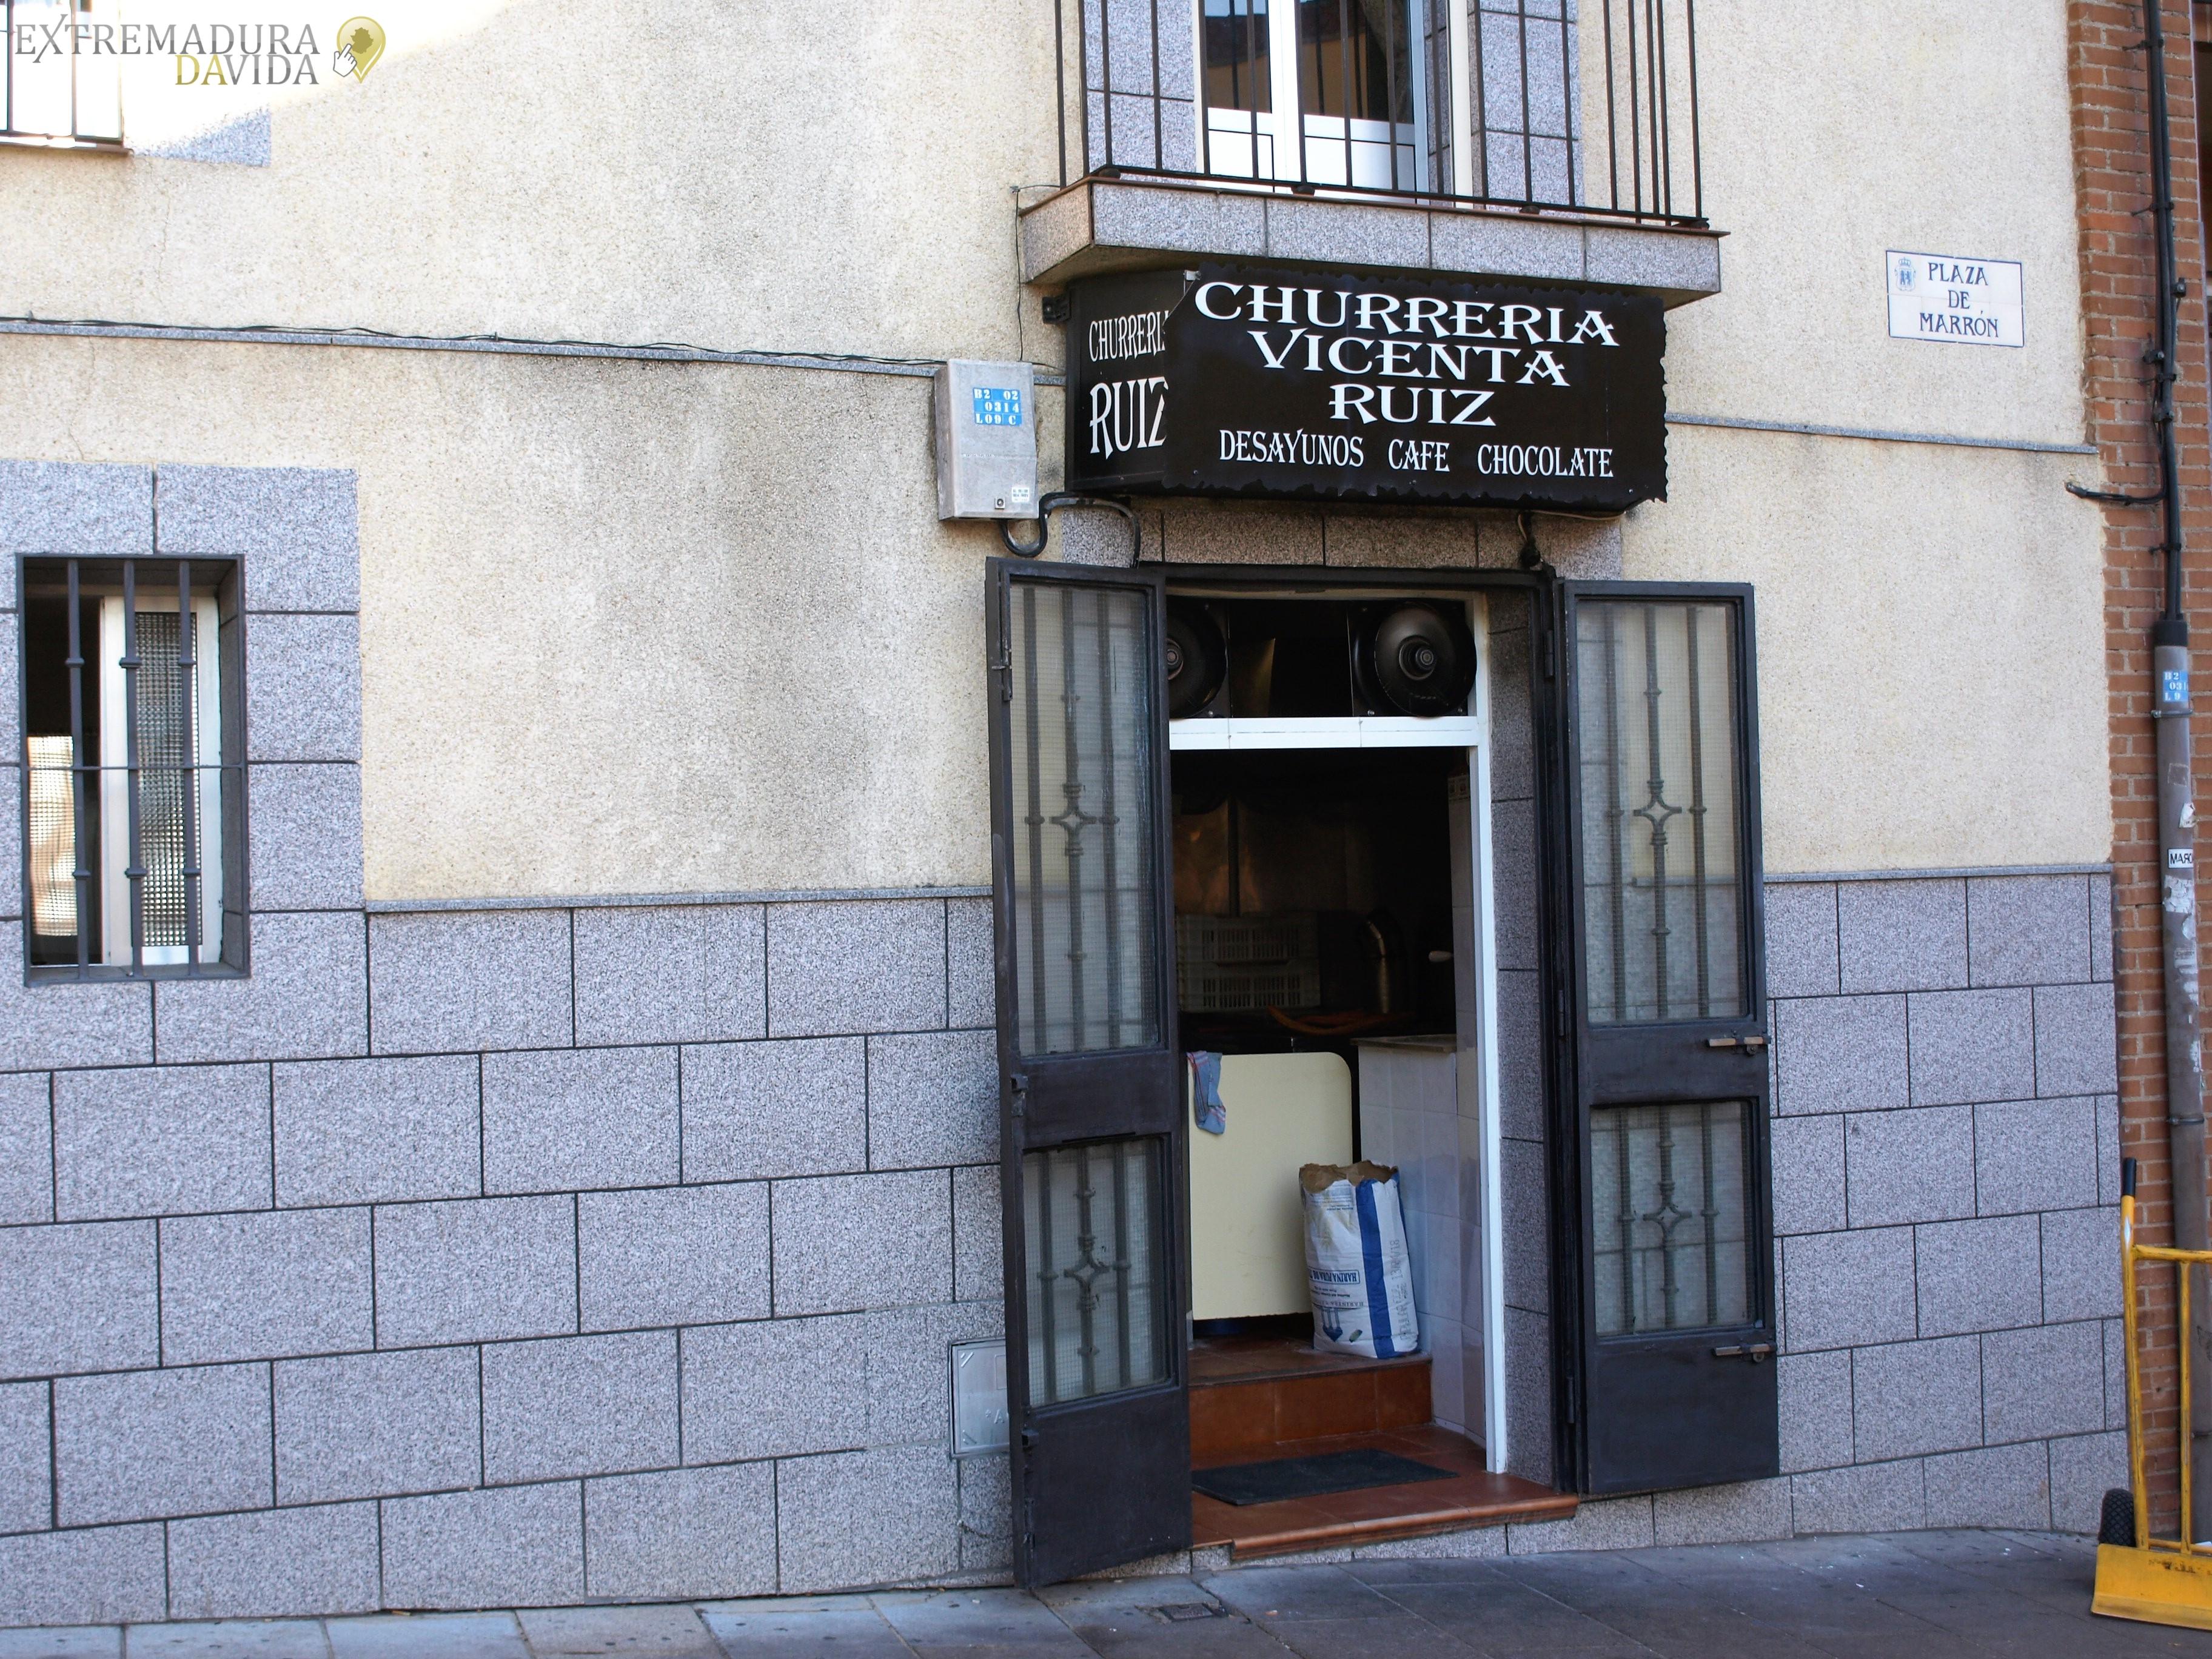 Churrería en Cáceres Vicenta Ruíz